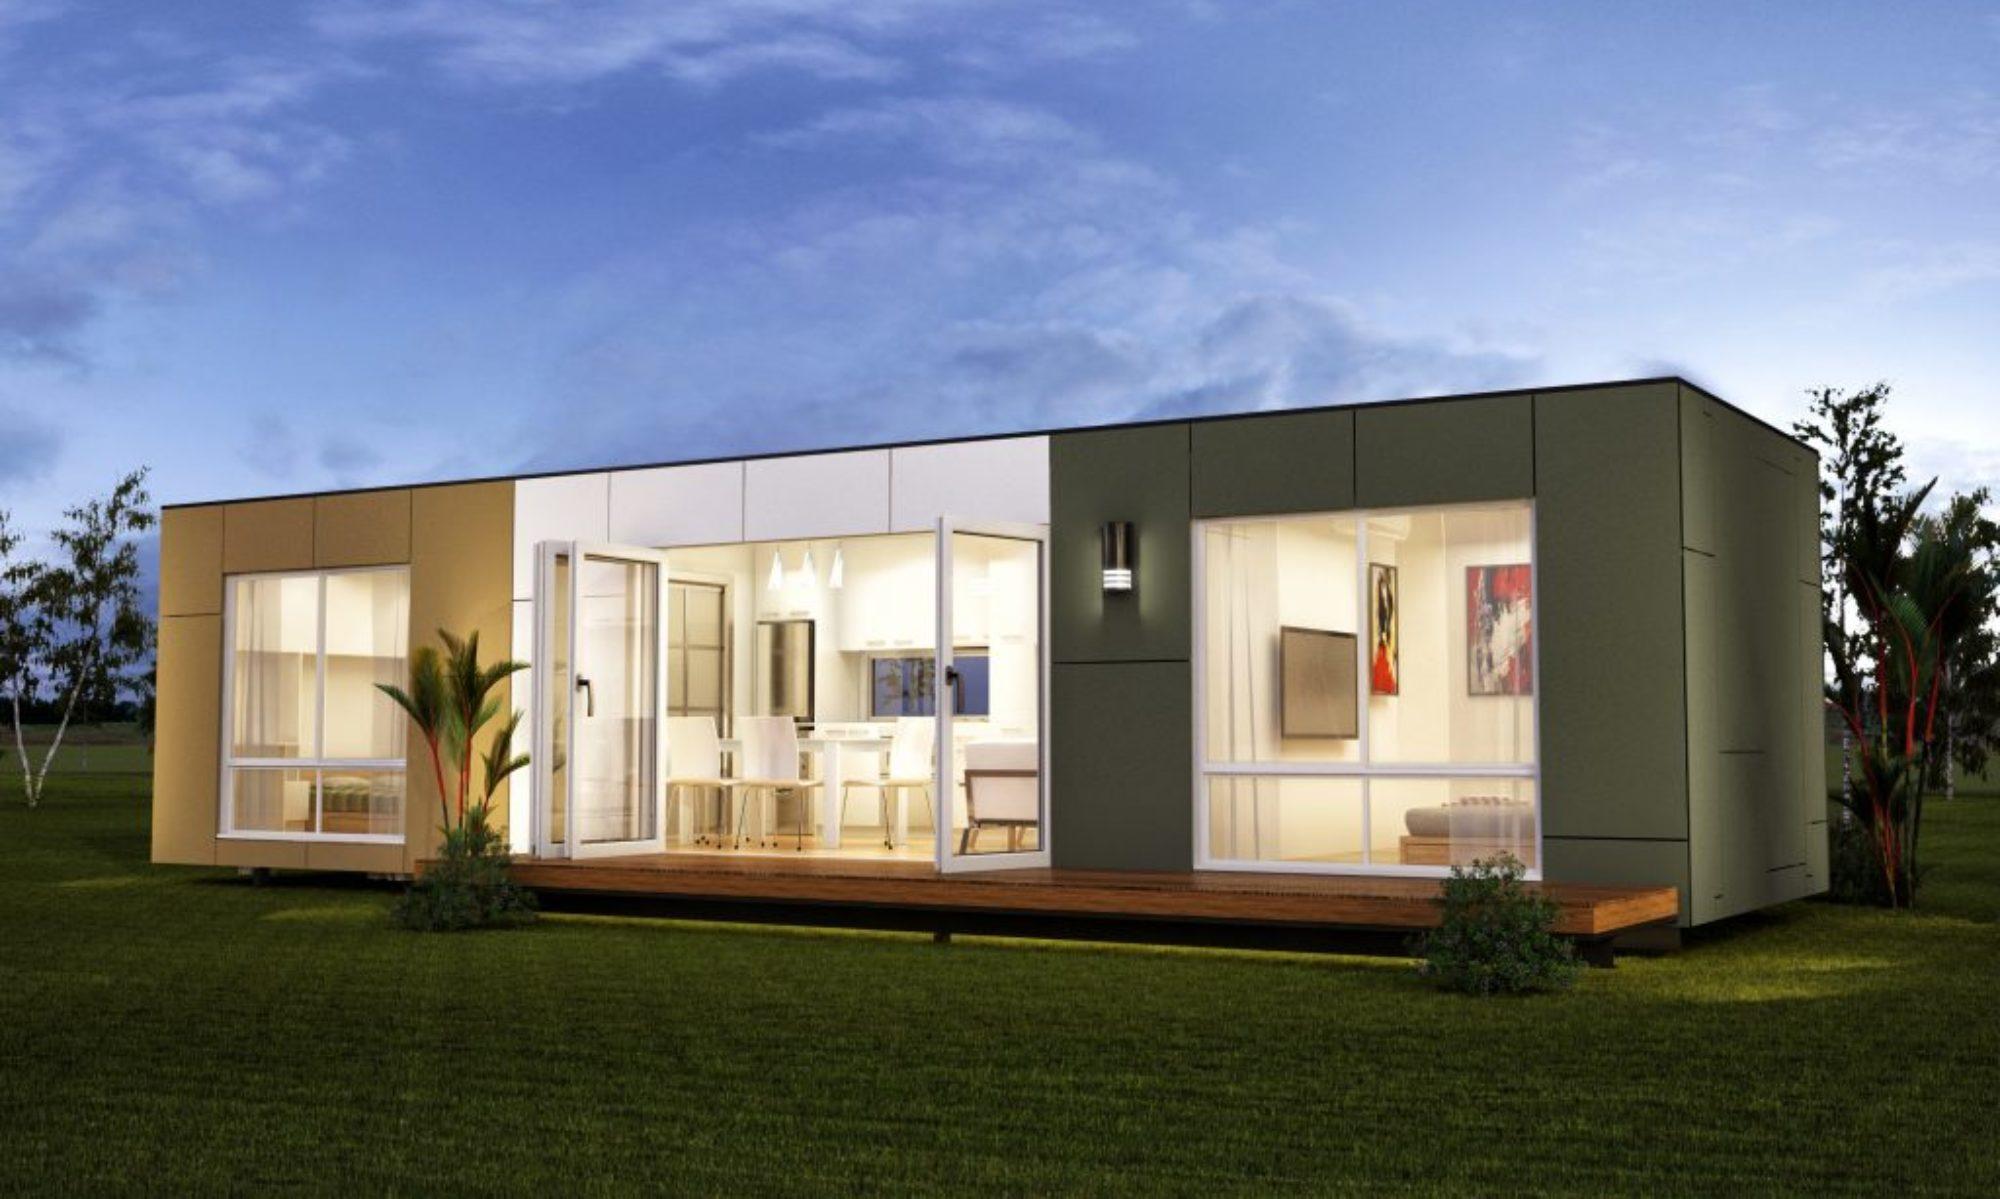 Las ventajas de las casas contenedores son imbatibles - Casas en contenedores marinos ...